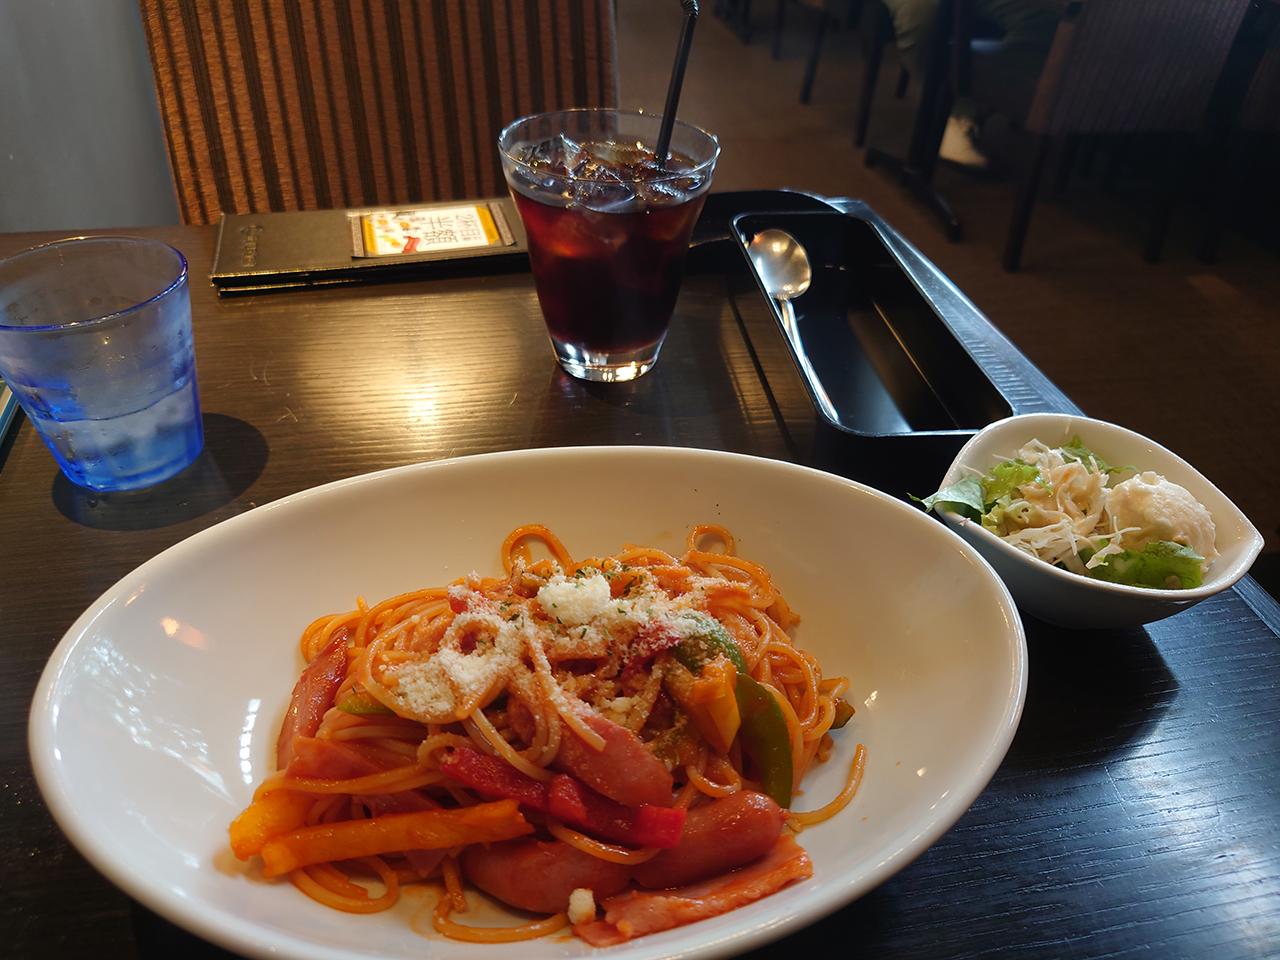 松山市の「元町珈琲」で優雅に喫茶ランチ!常設メニューの「幻の横濱ナポリタン」を食べてきた!